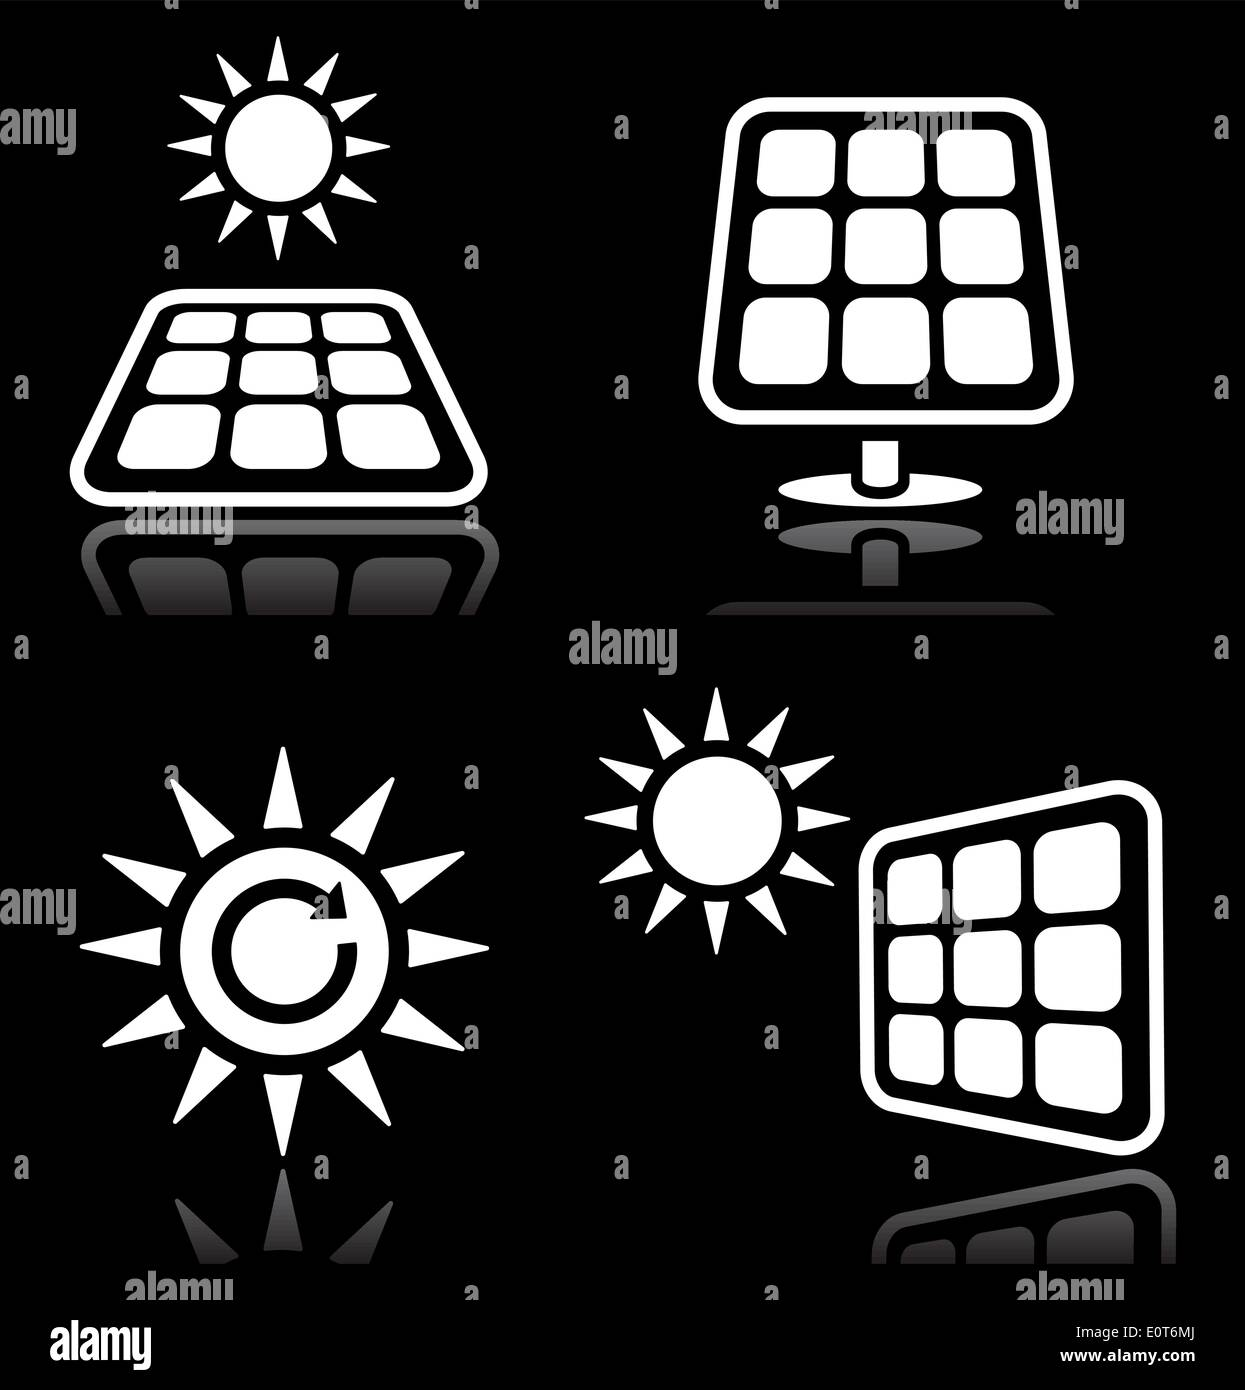 Solar panels, solar energy white icons set on black - Stock Image